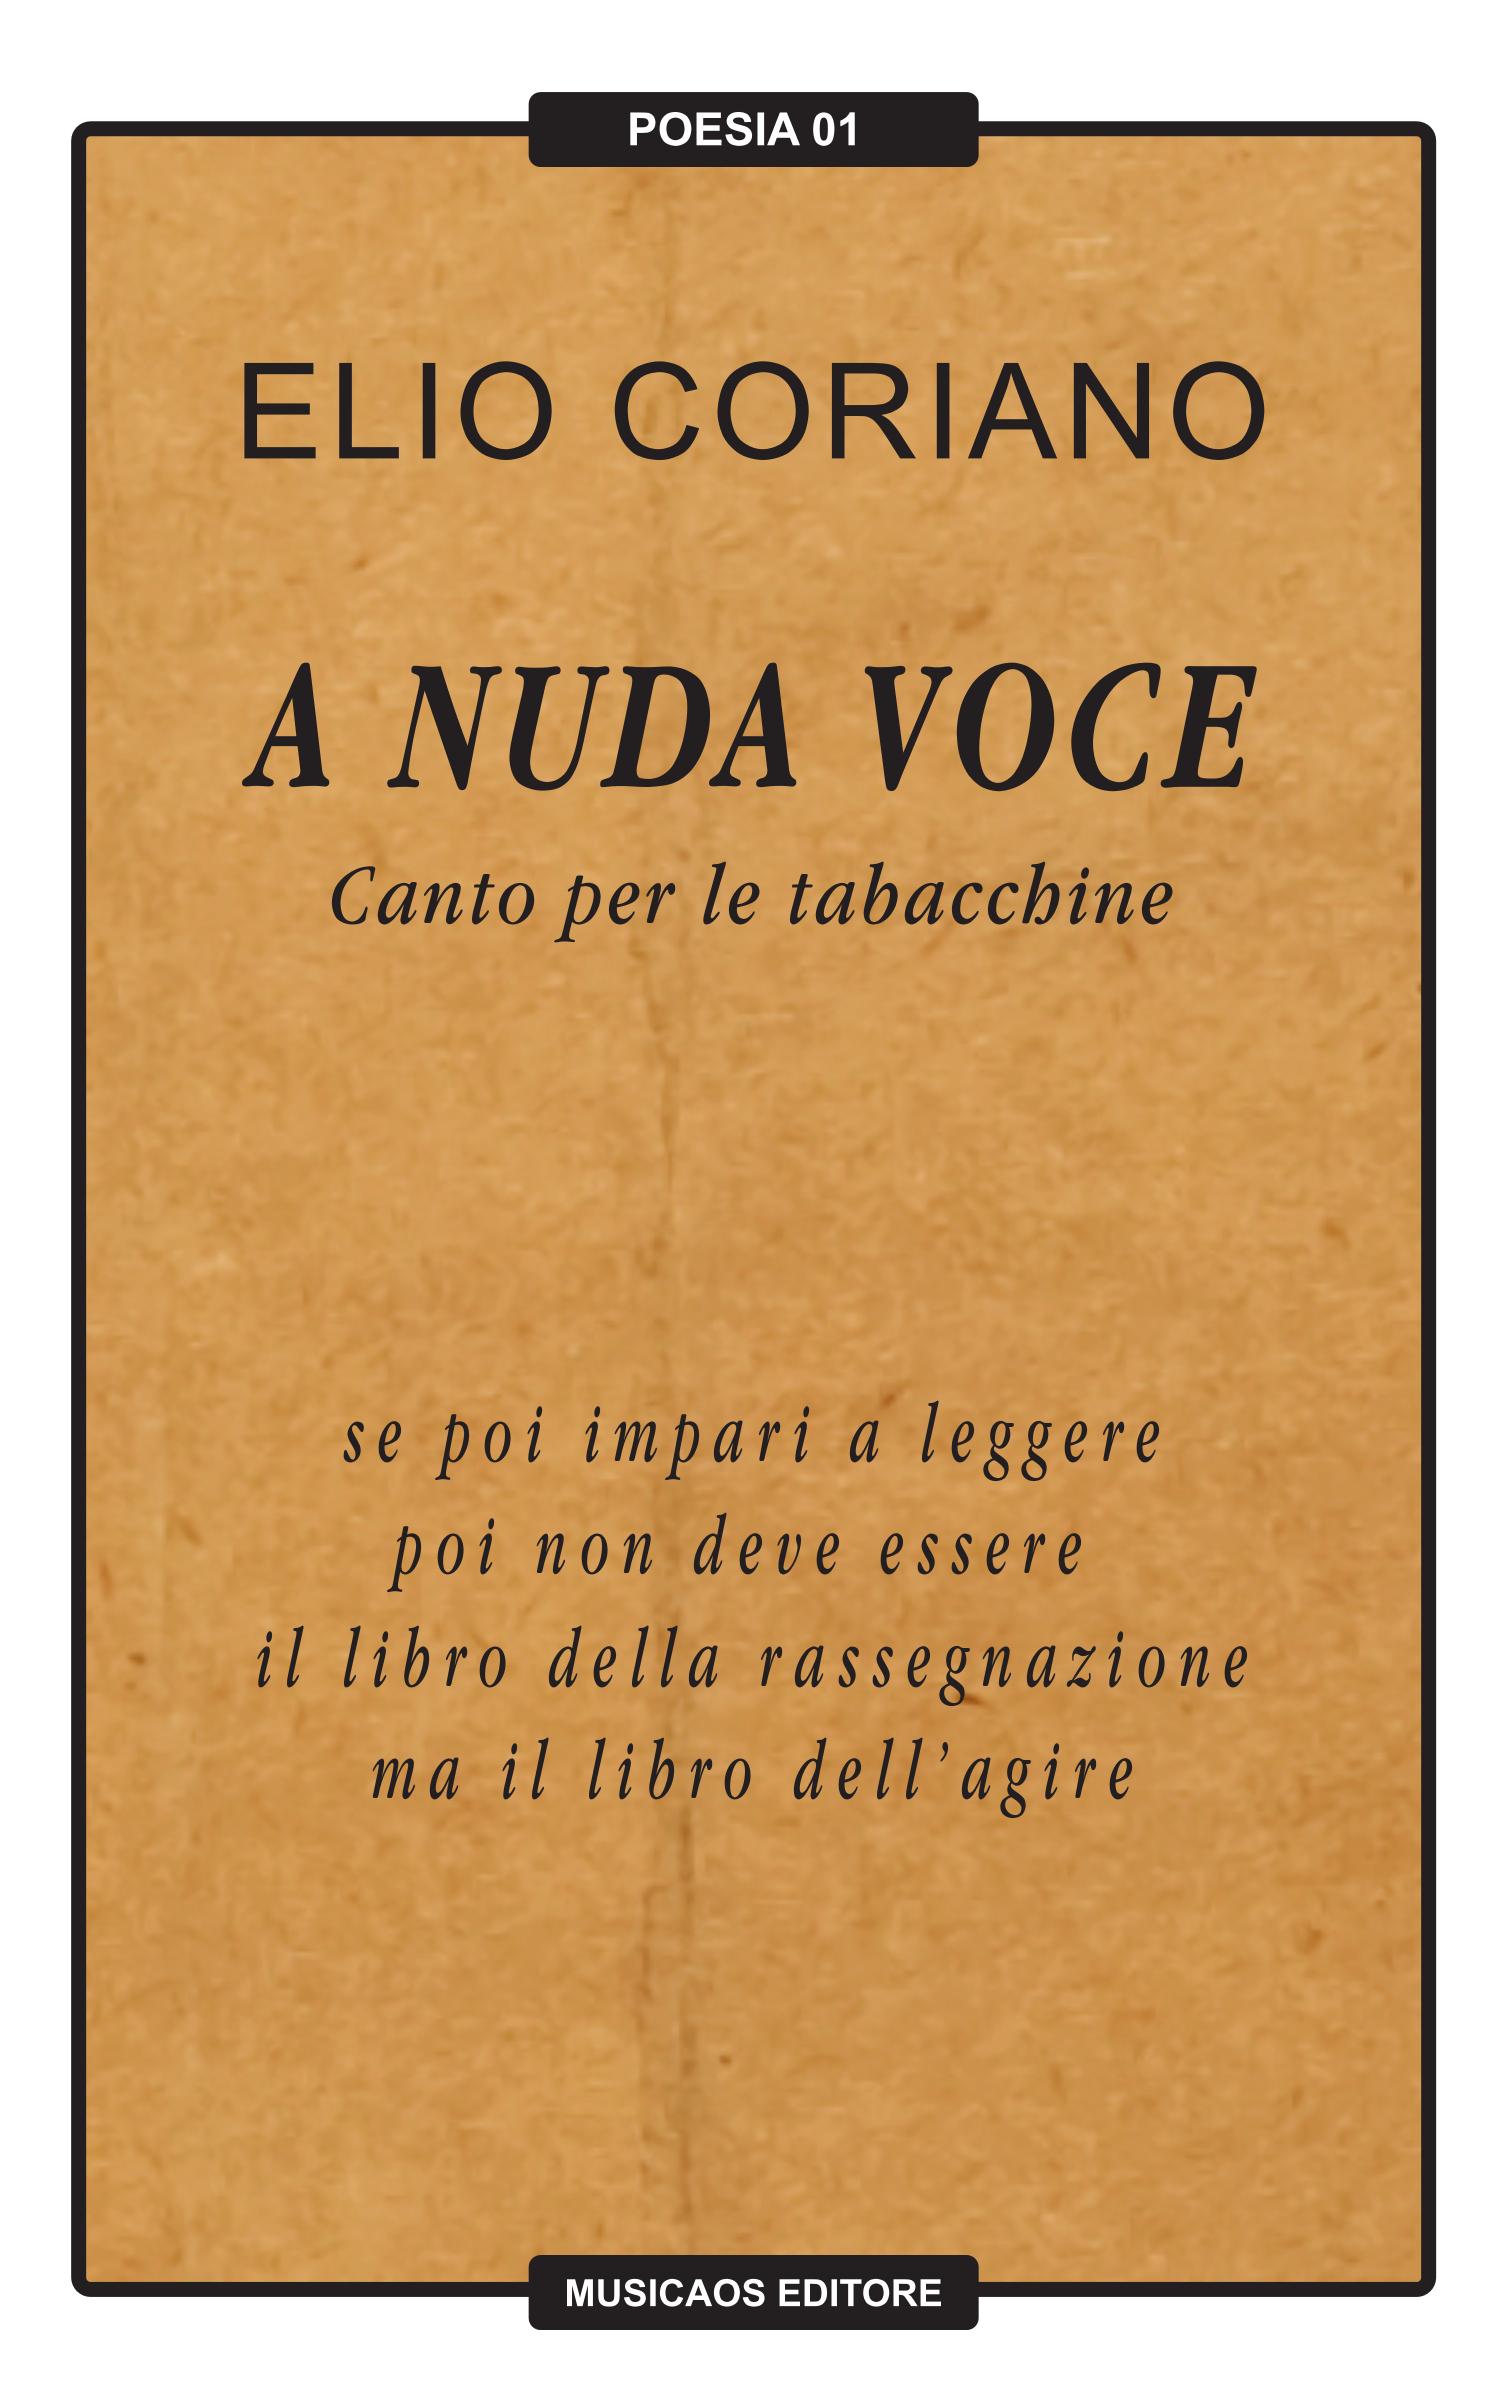 Elio Coriano - A nuda voce - Canto per le tabacchine